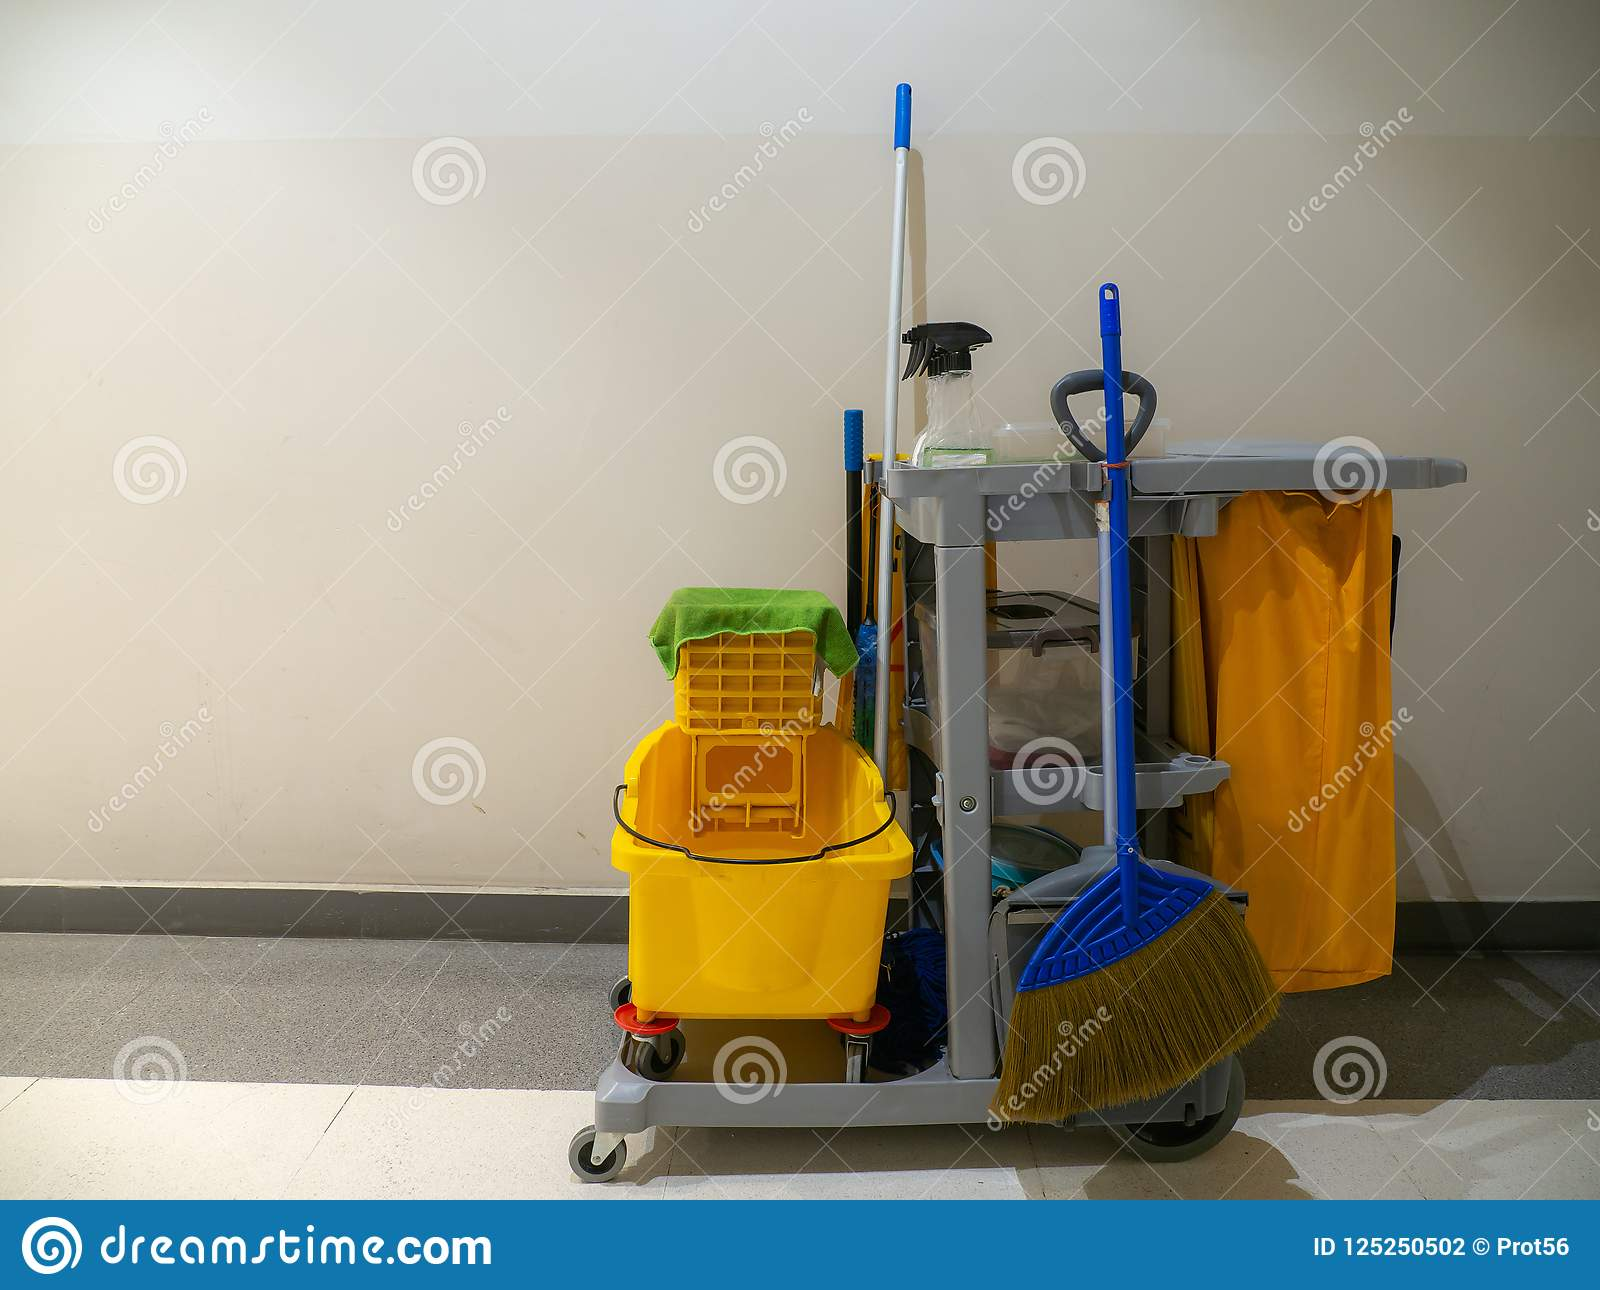 Czyści narzędzie fura czekać na cleaner Wiadro i set cleaning wyposażenie w Wydziałowym sklepie janitor usługa janitorial dla